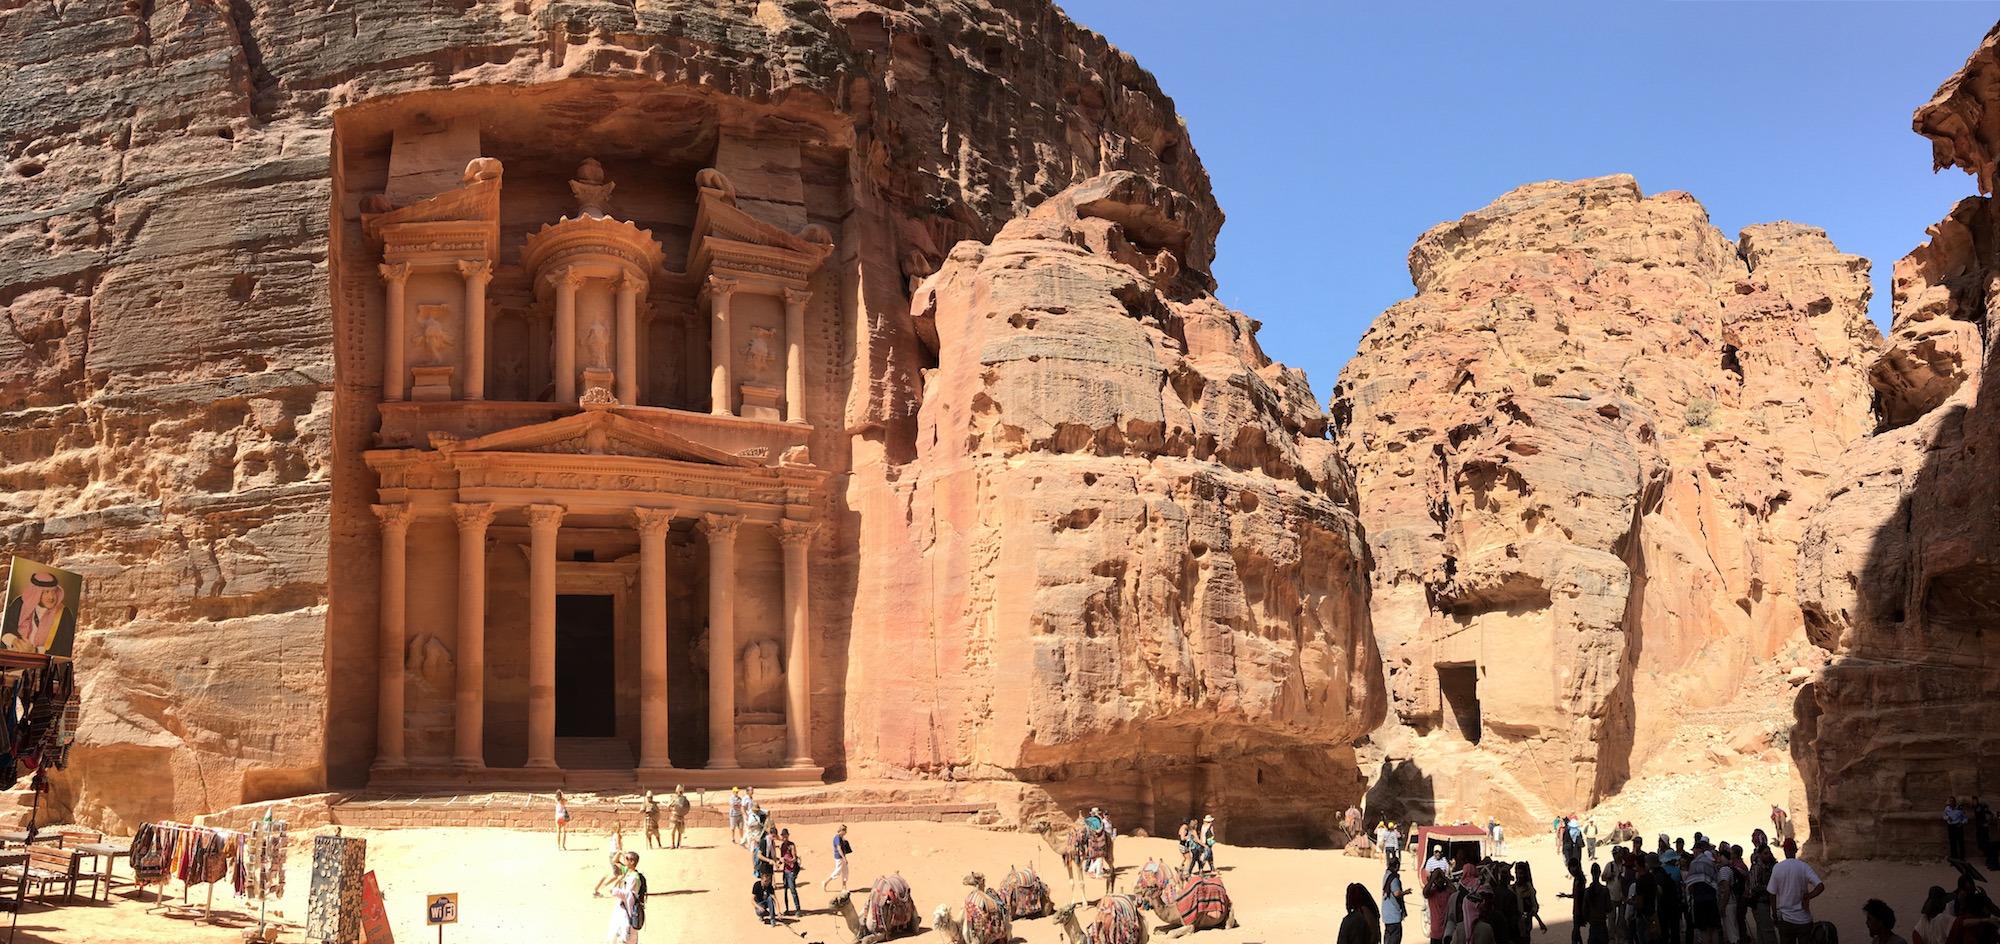 O Tesouro (Al-Khazneh), o monumento mais famoso de Petra no início do dia. (Foto: Nathalia Tavolieri)